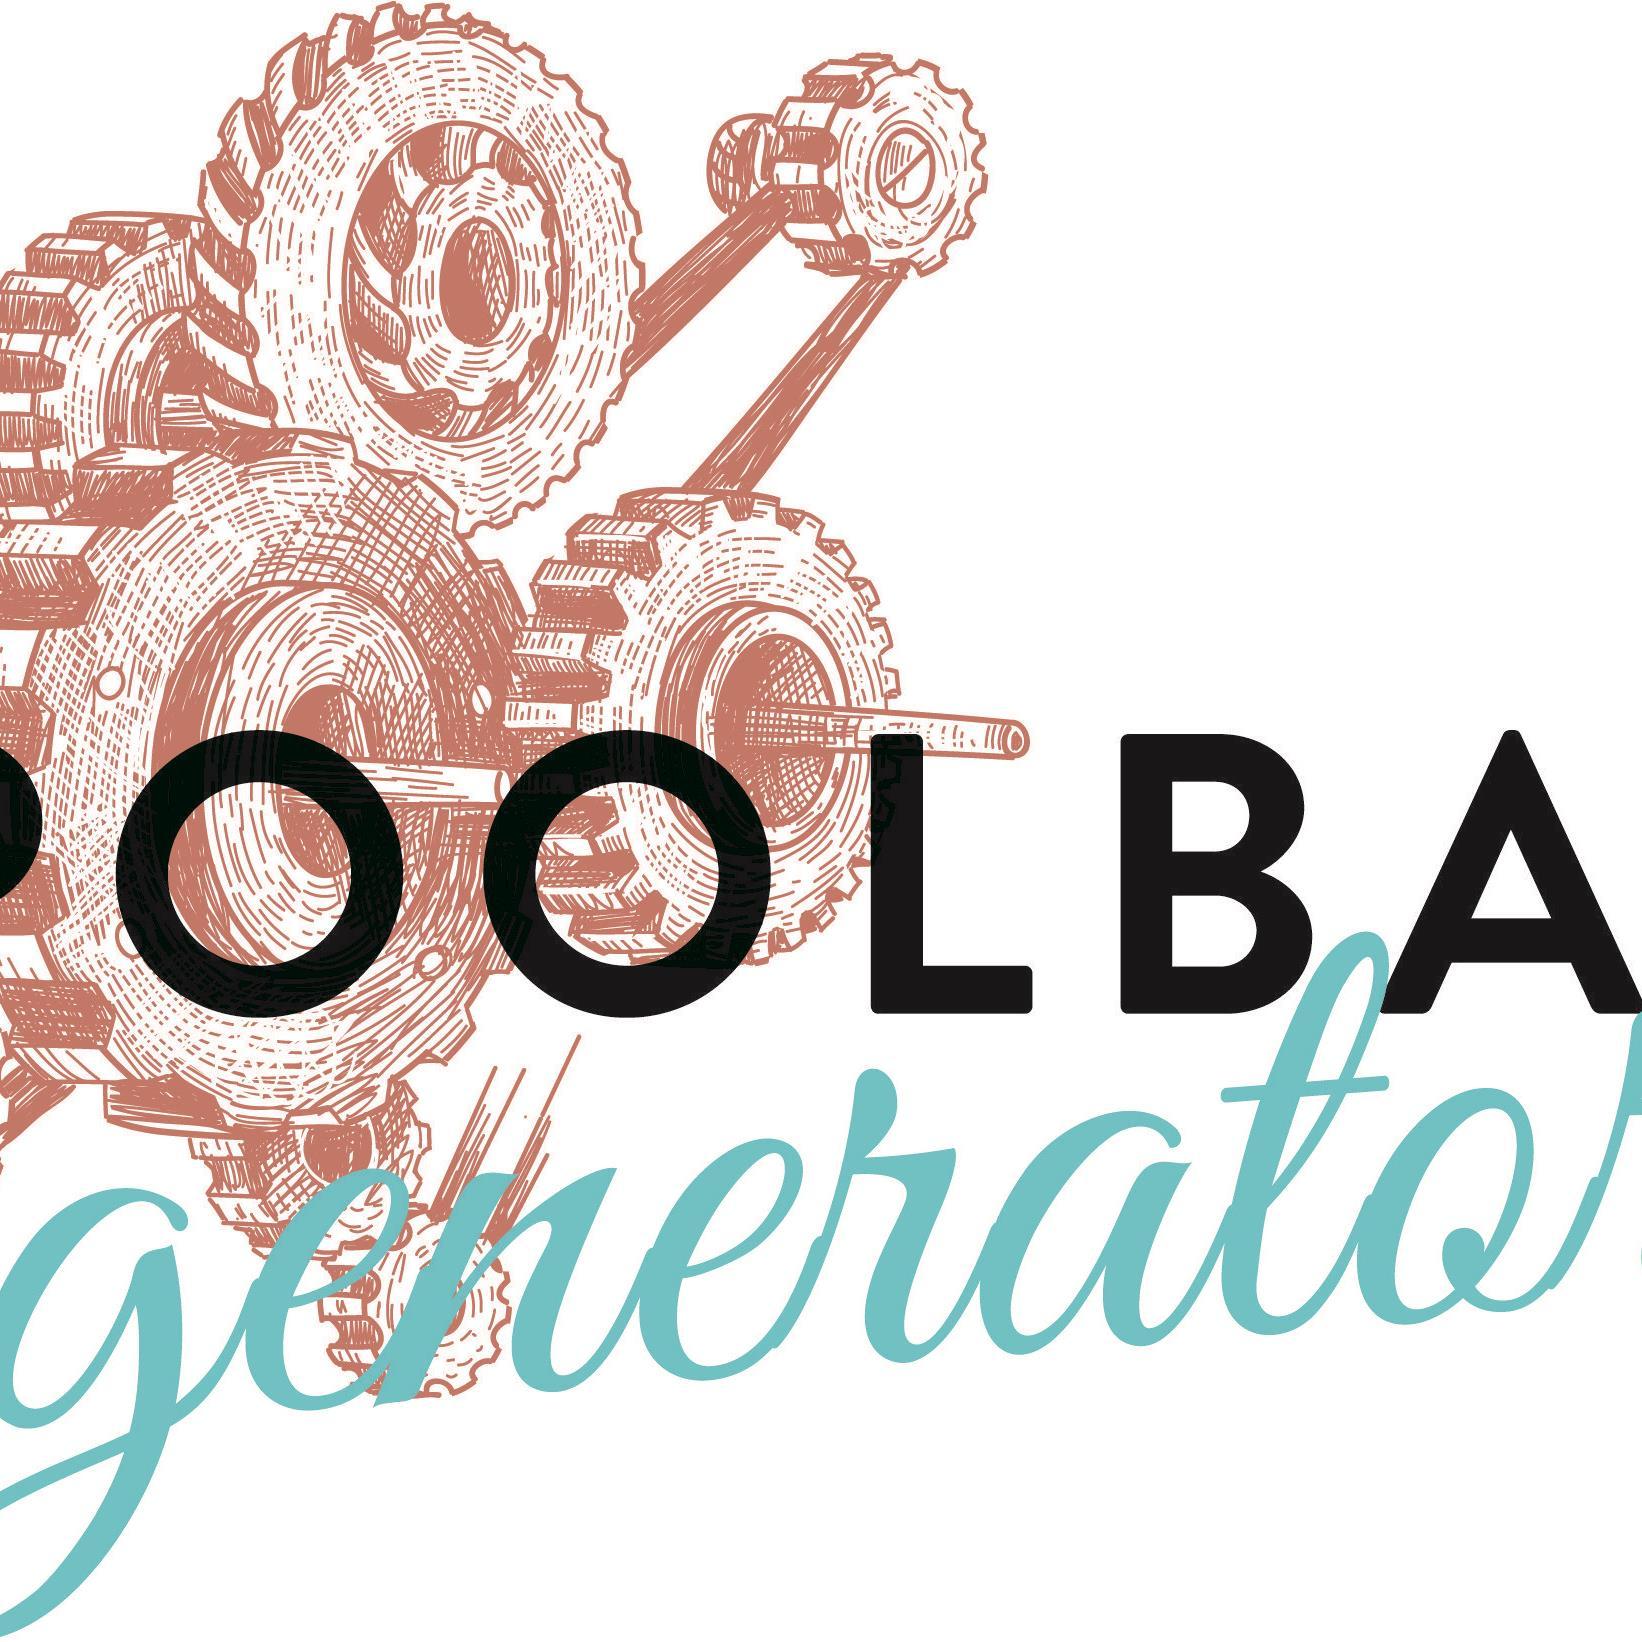 Beim poolbar/generator 2015 können die Teilnehmer das Festival im kommenden Sommer aktiv mitgestalten.